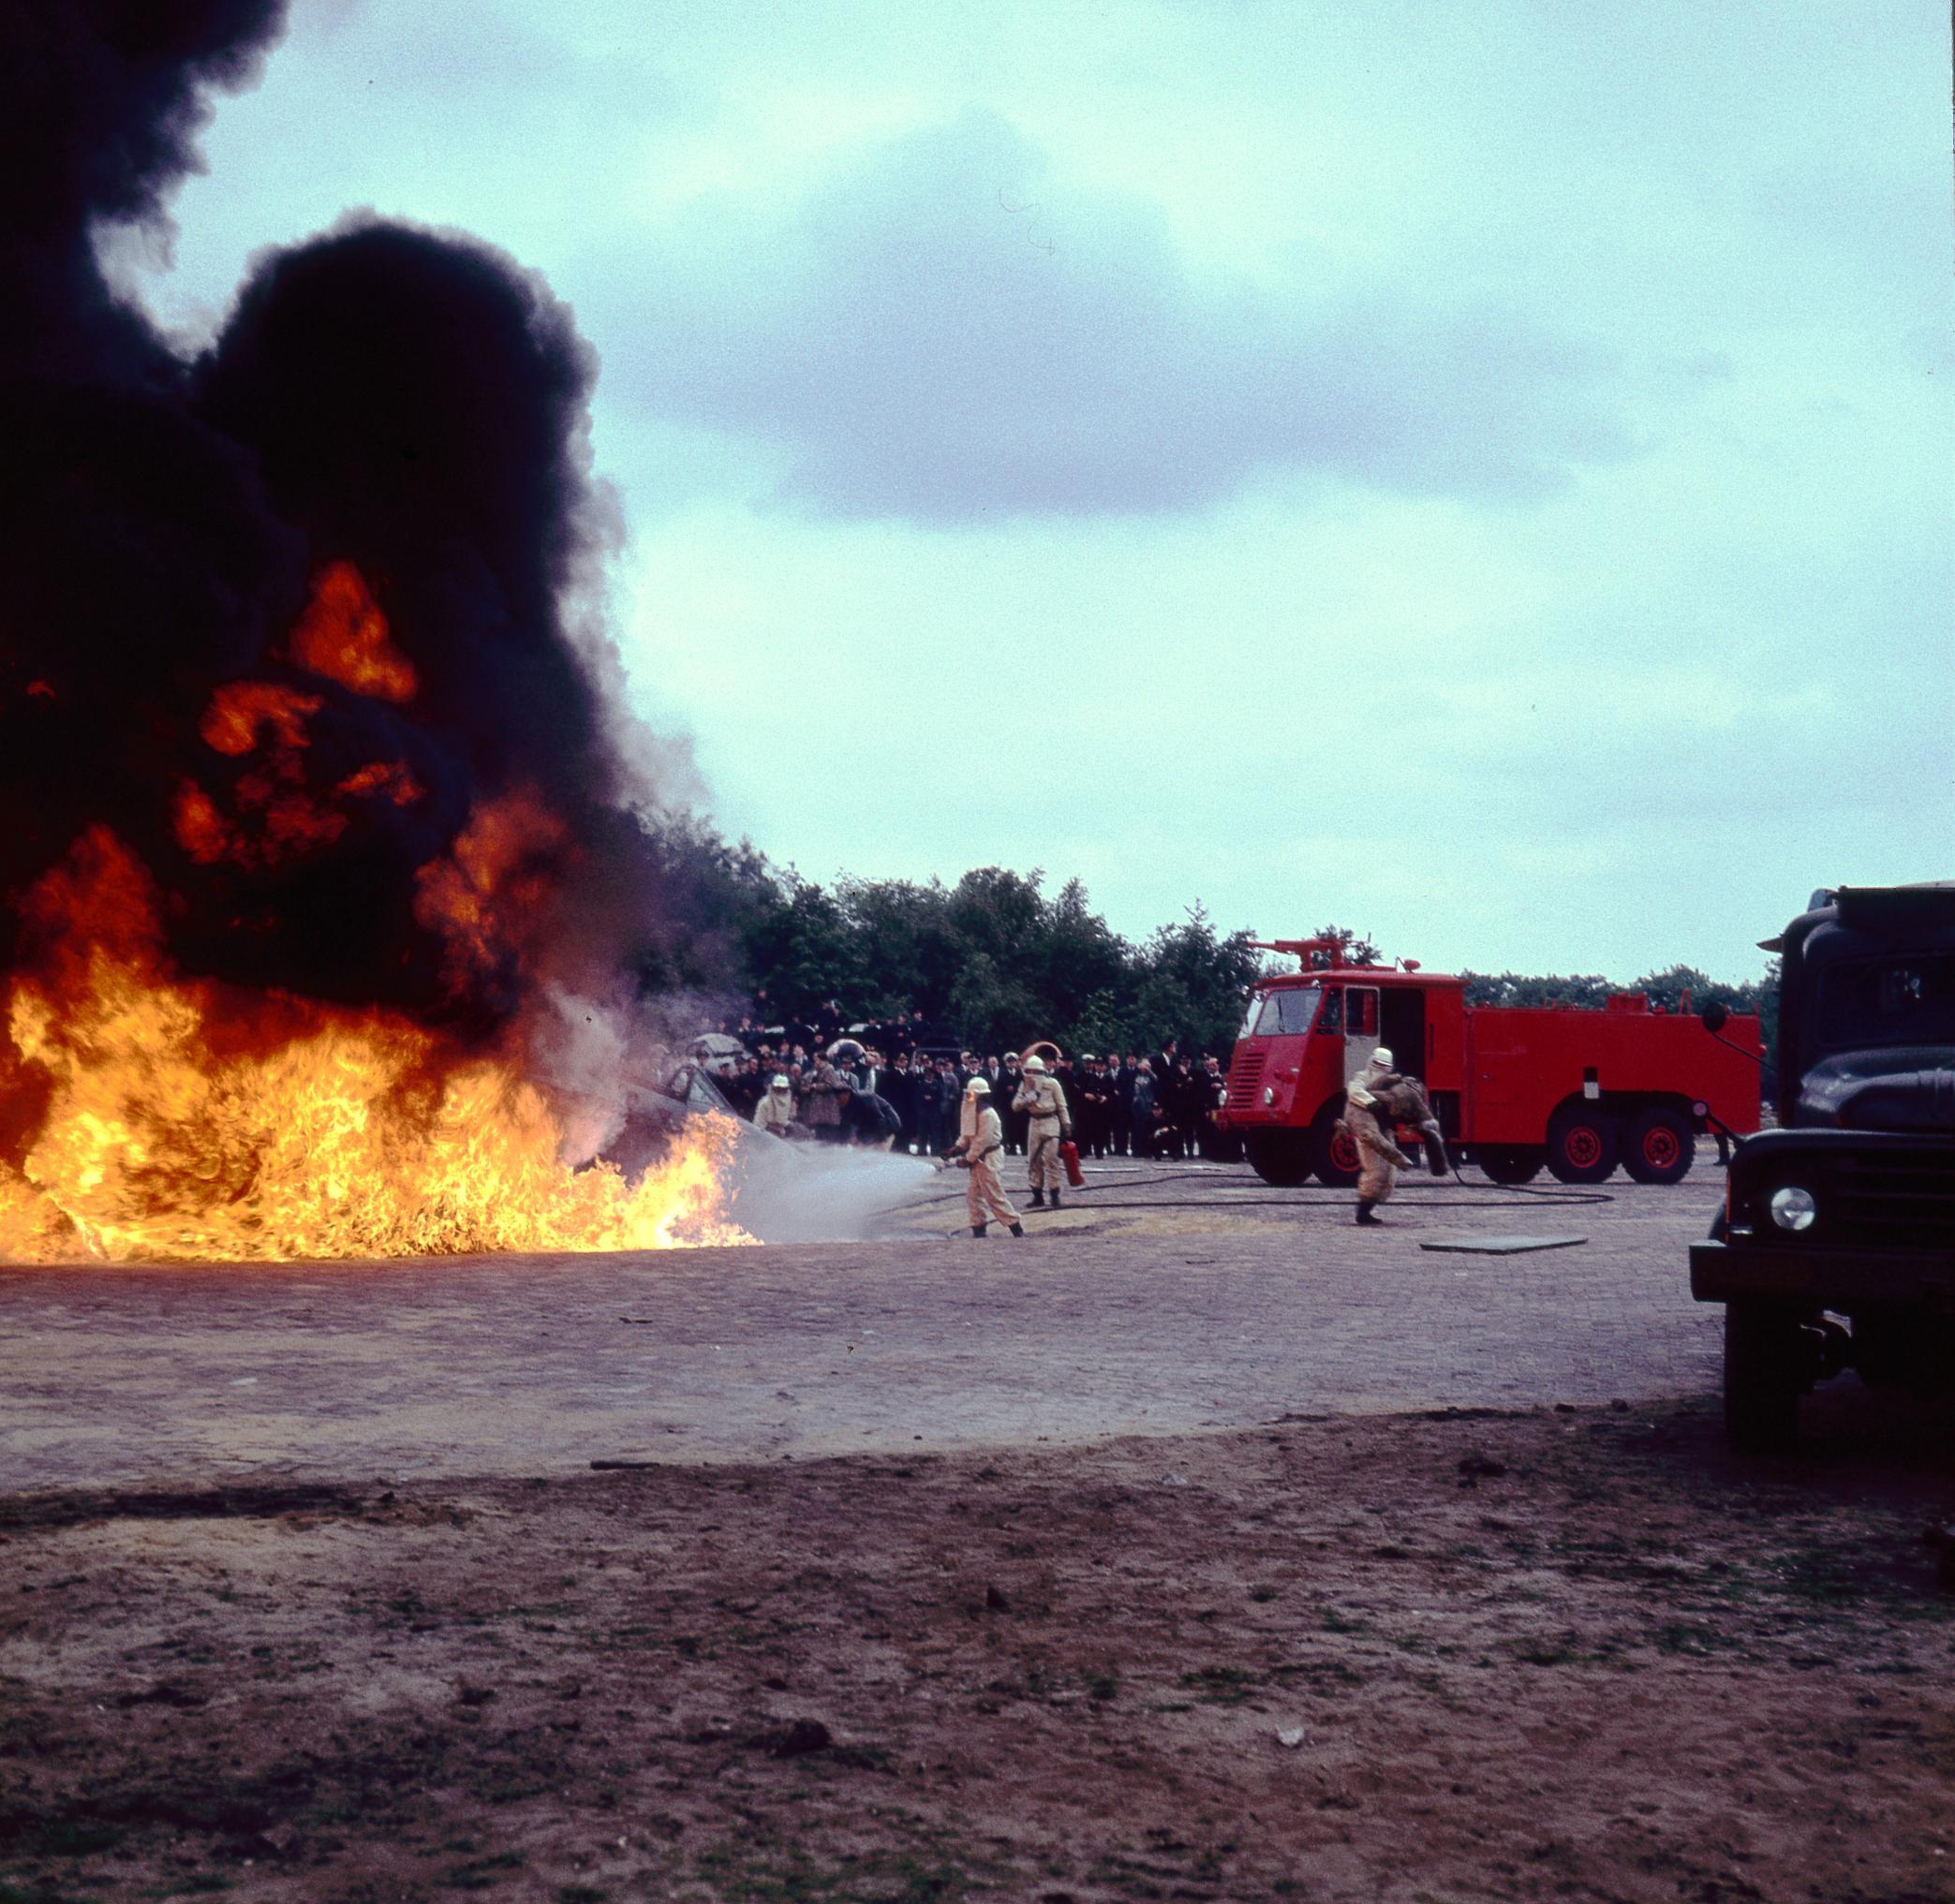 Naam: brandweer072.jpg Bekeken: 364 Grootte: 491,6 KB